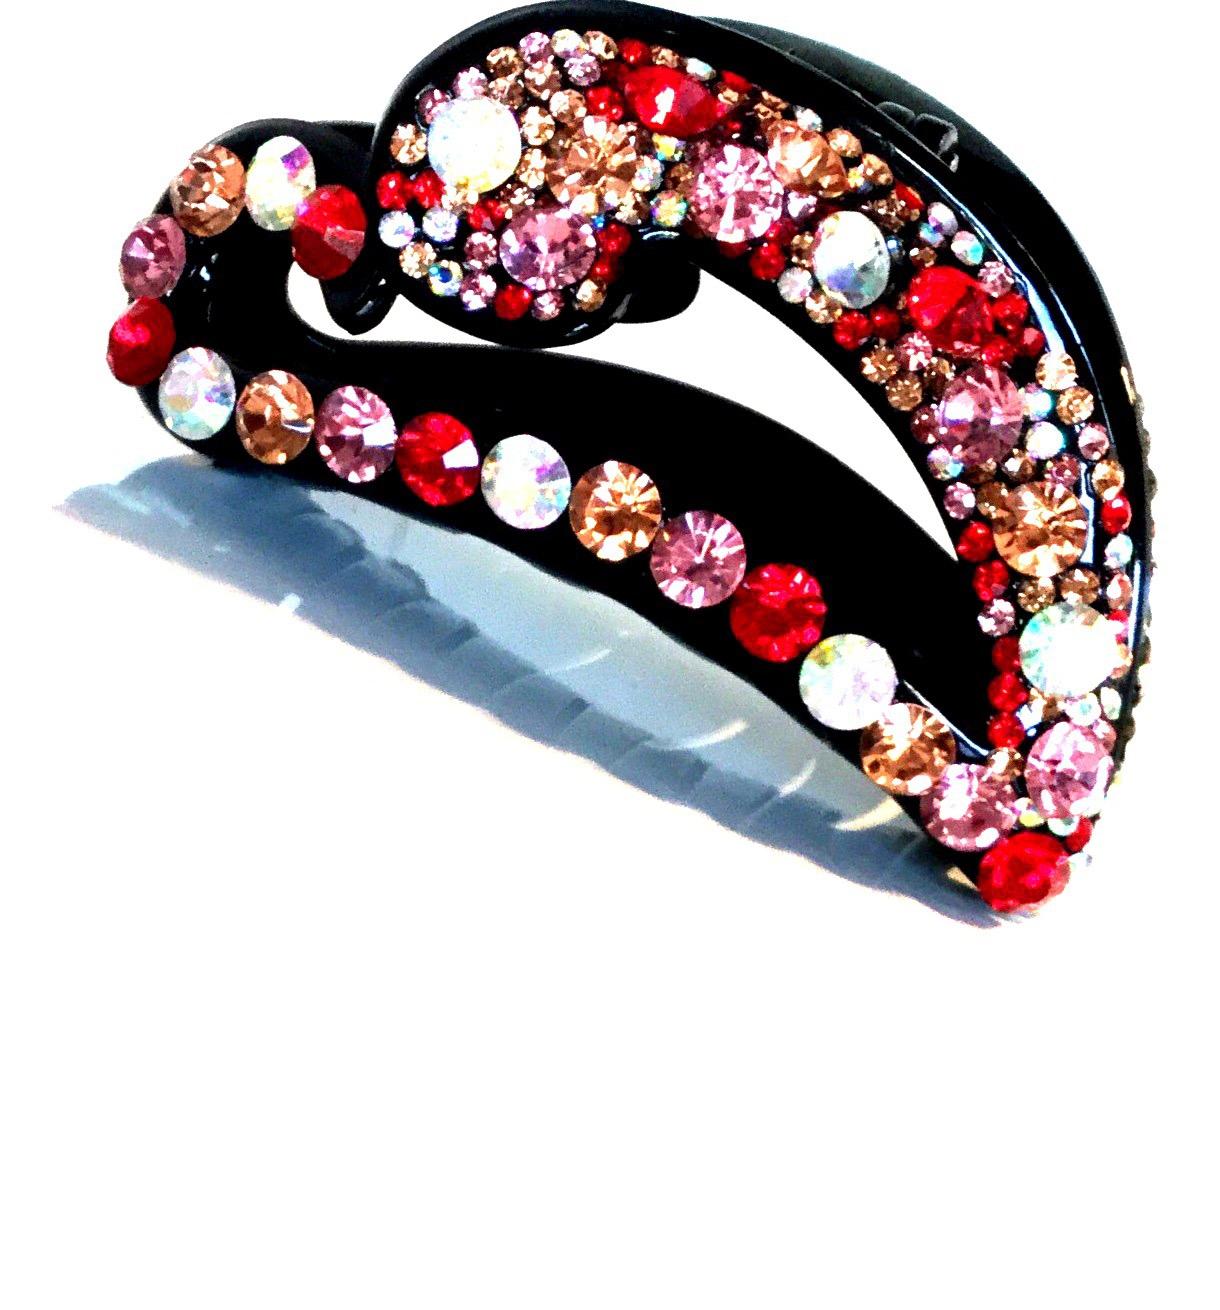 Fashion Jewelry Hårspænde  med Palietter og krystaller